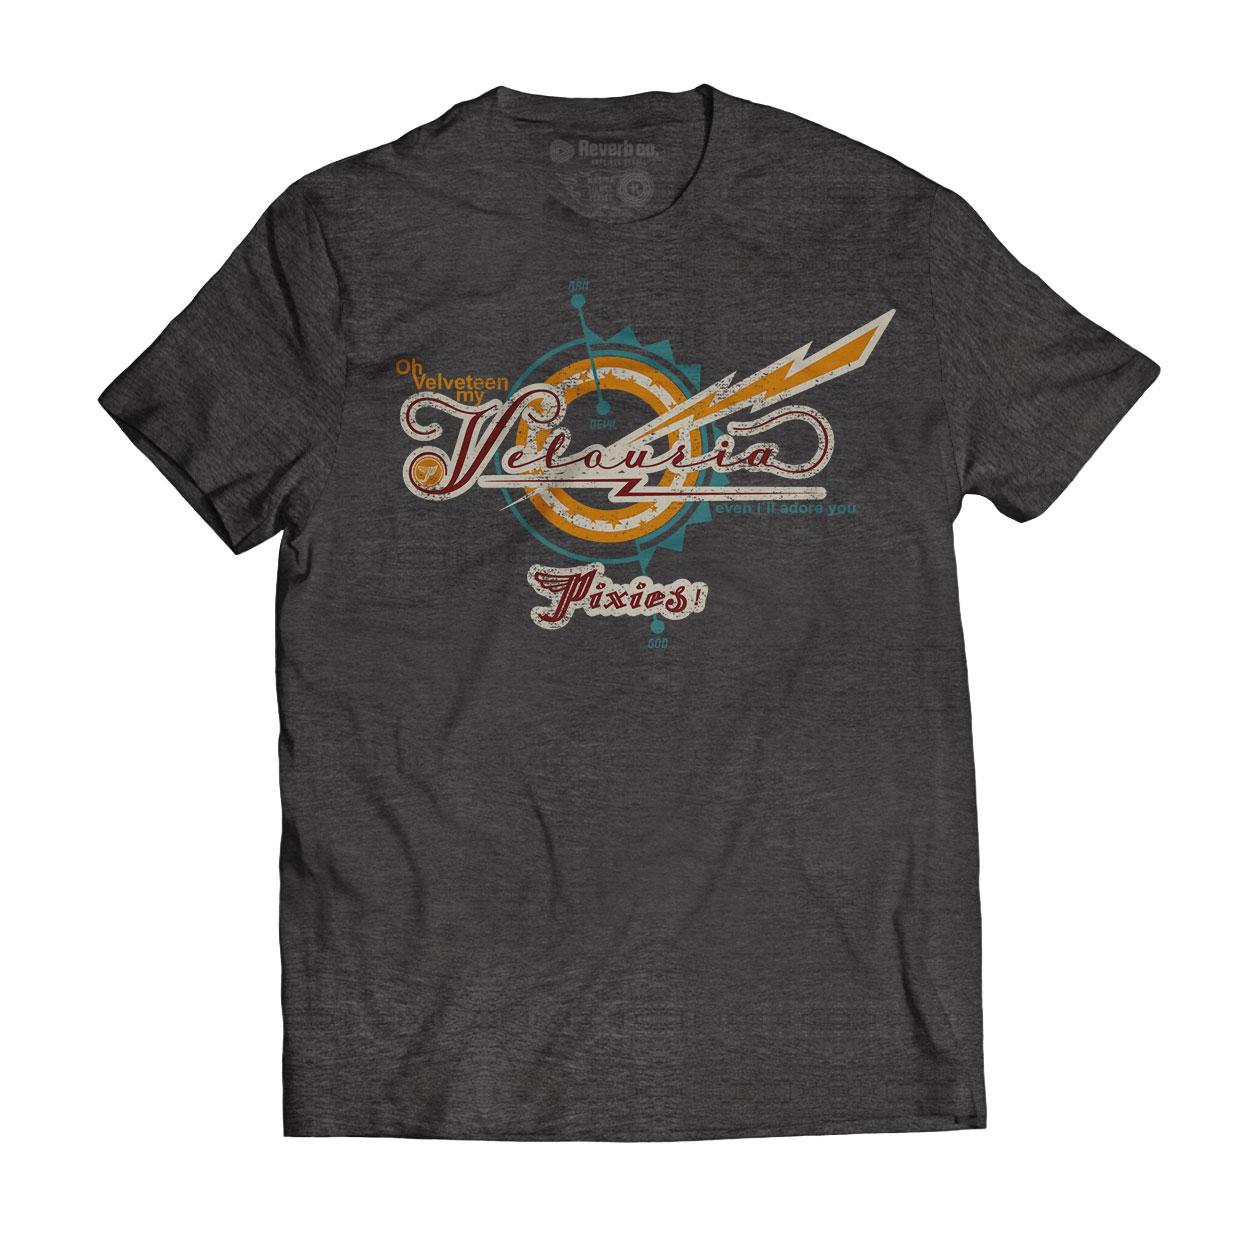 Camiseta Velouria - Pixies - Masculino